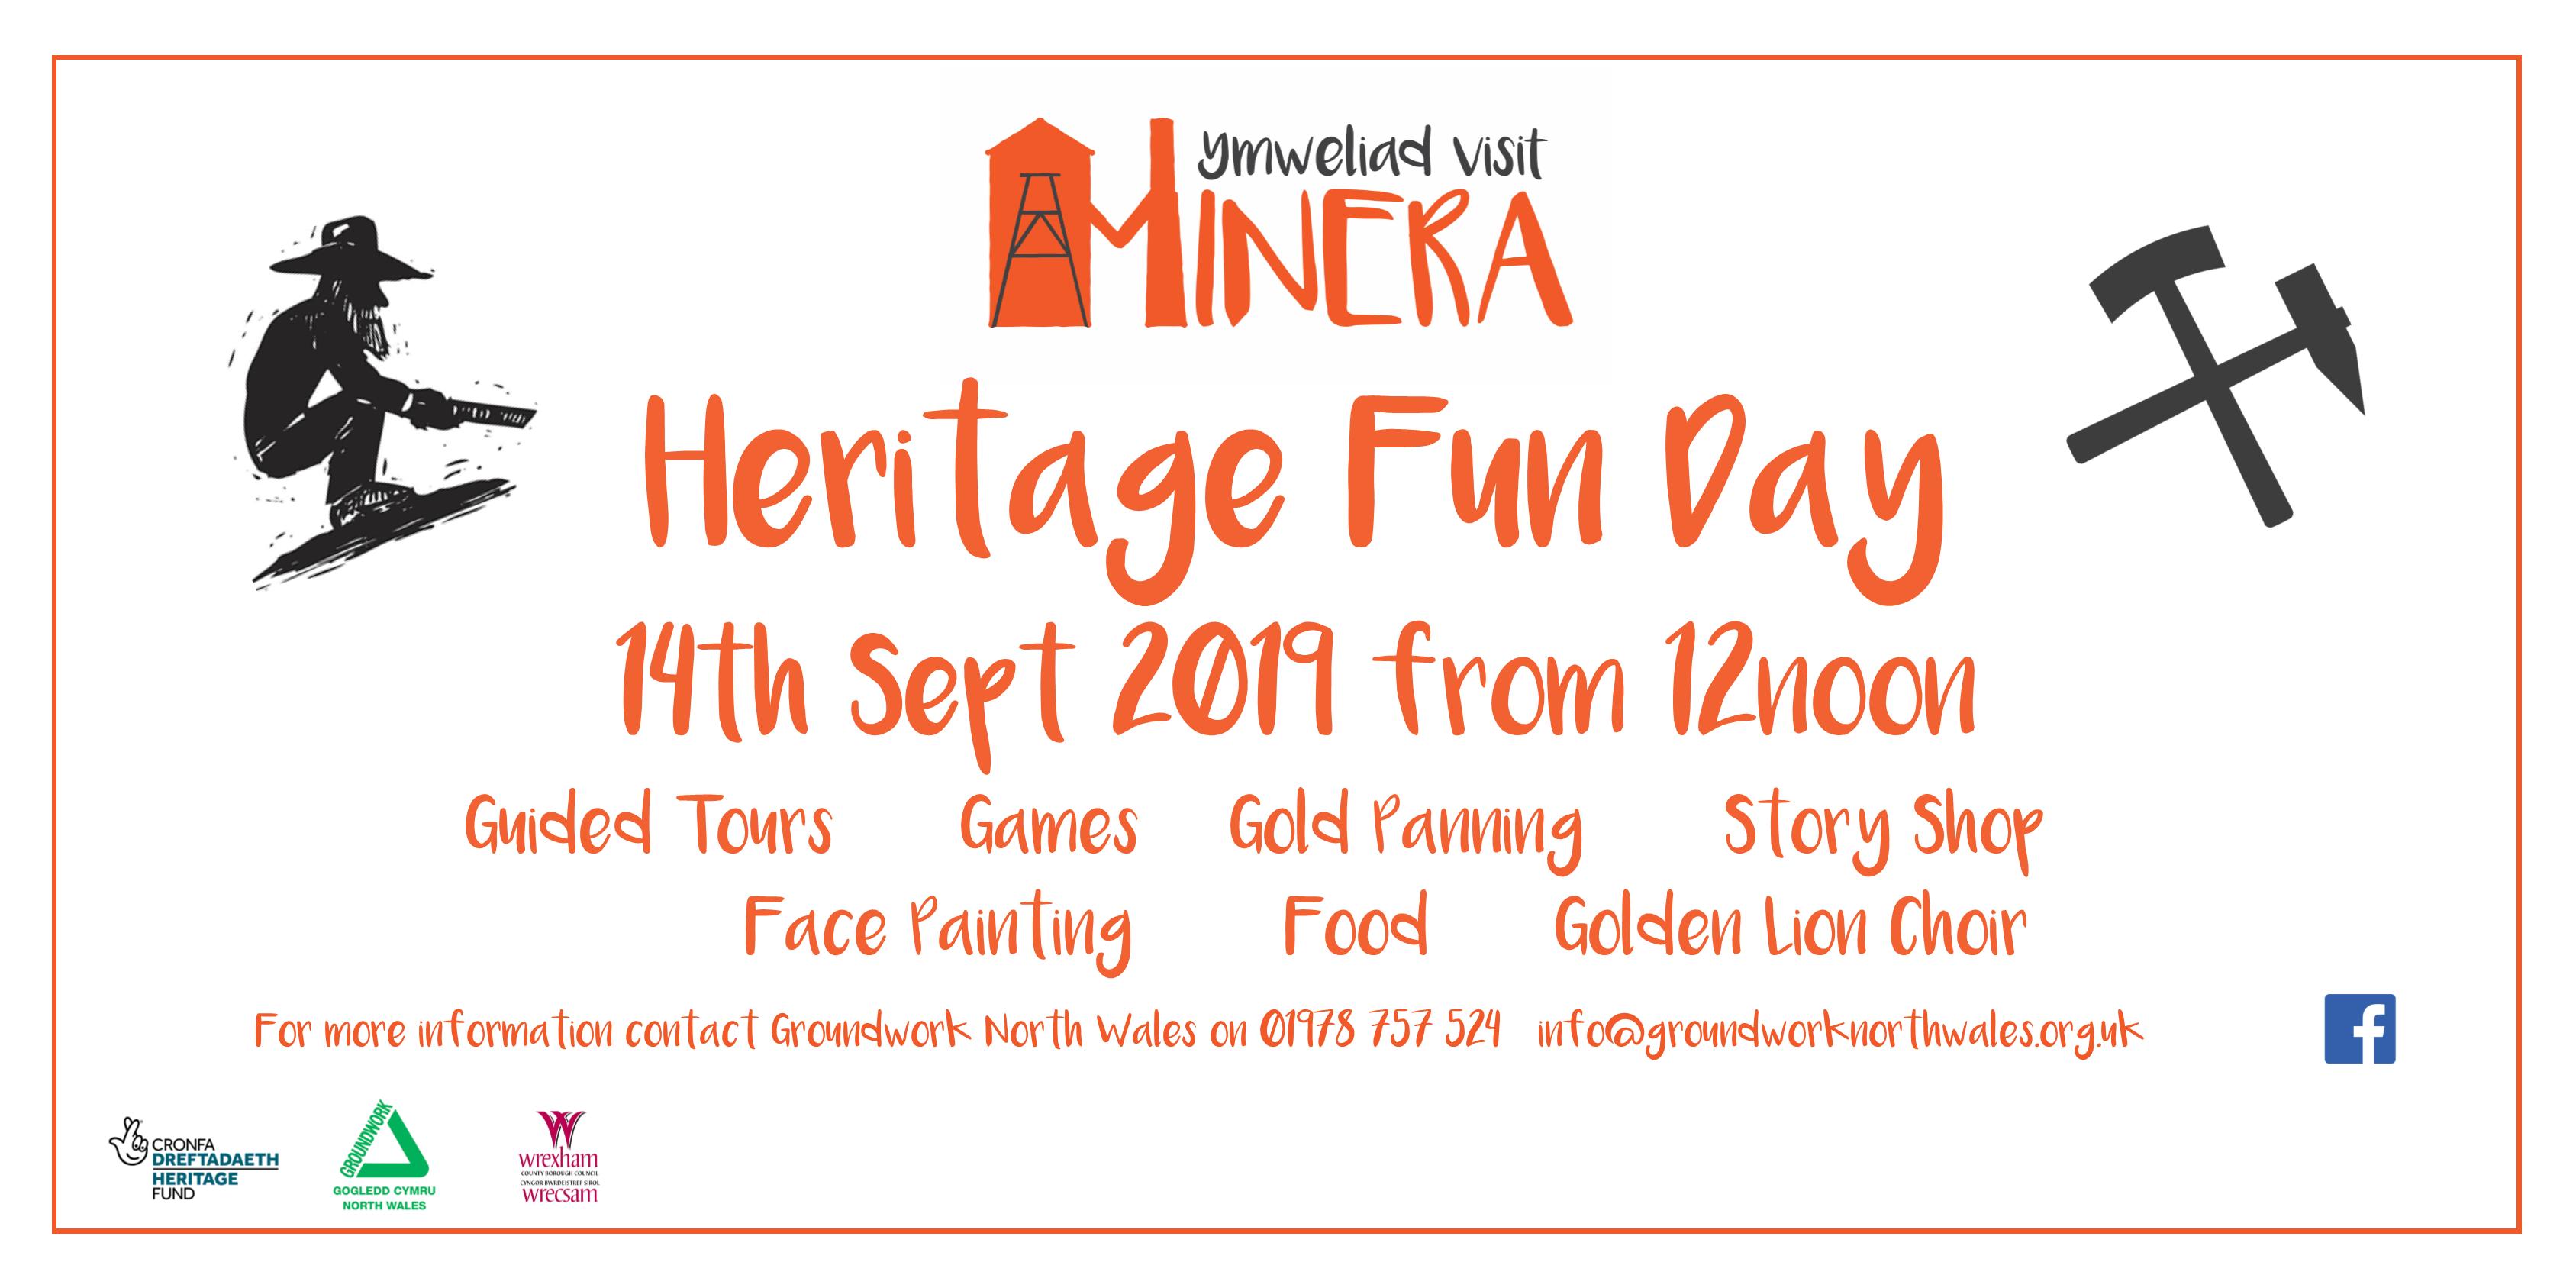 Heritage Fun Day